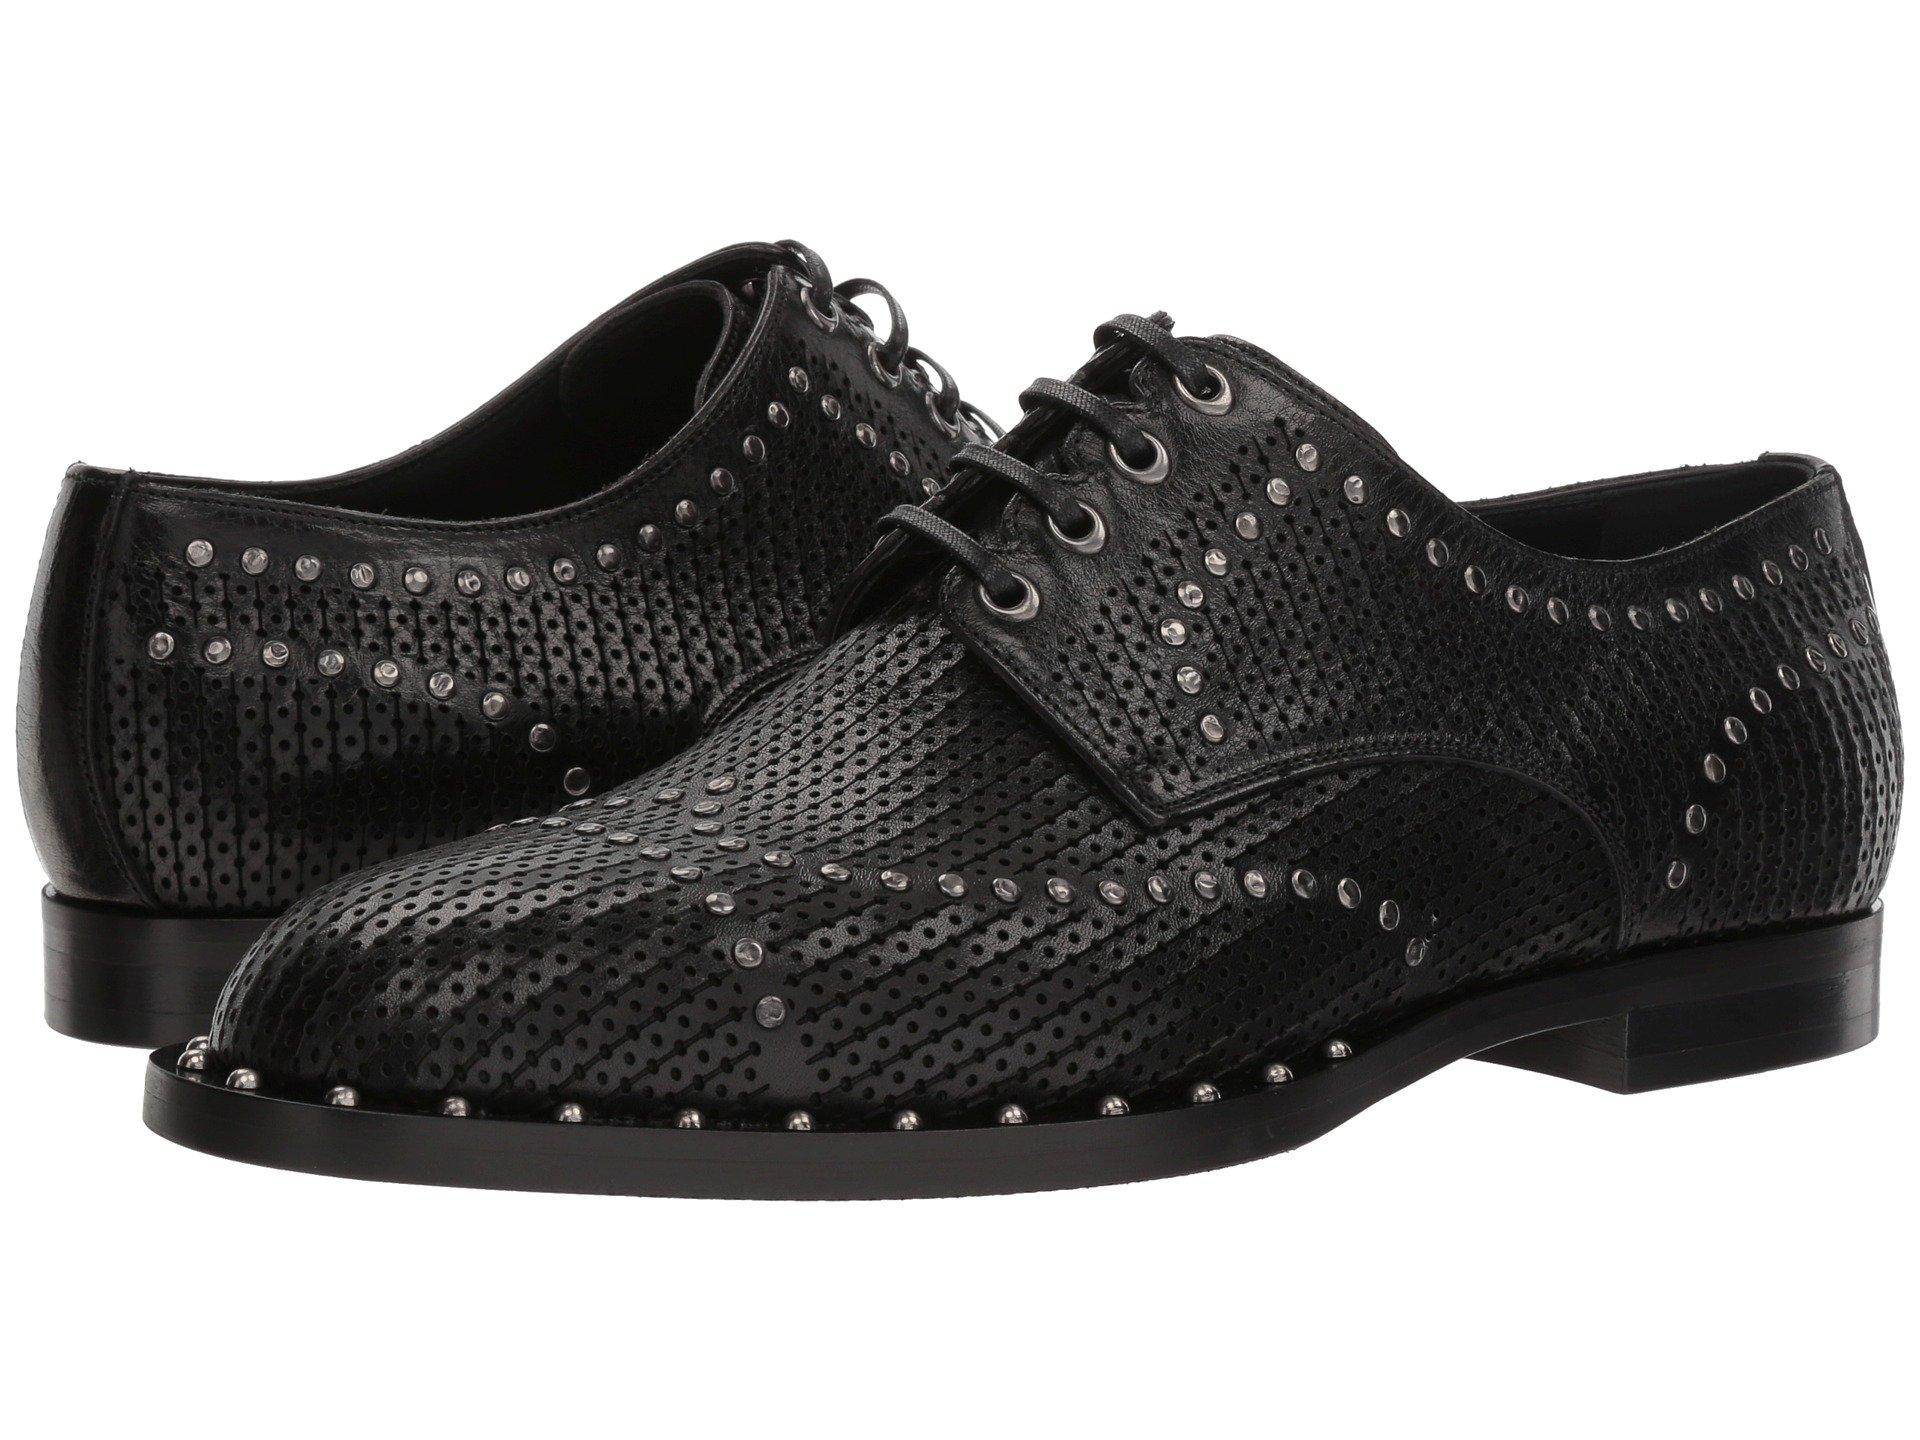 Calzado tipo Oxford para Hombre Dolce & Gabbana Wingtip Oxford  + Dolce & Gabbana en VeoyCompro.net